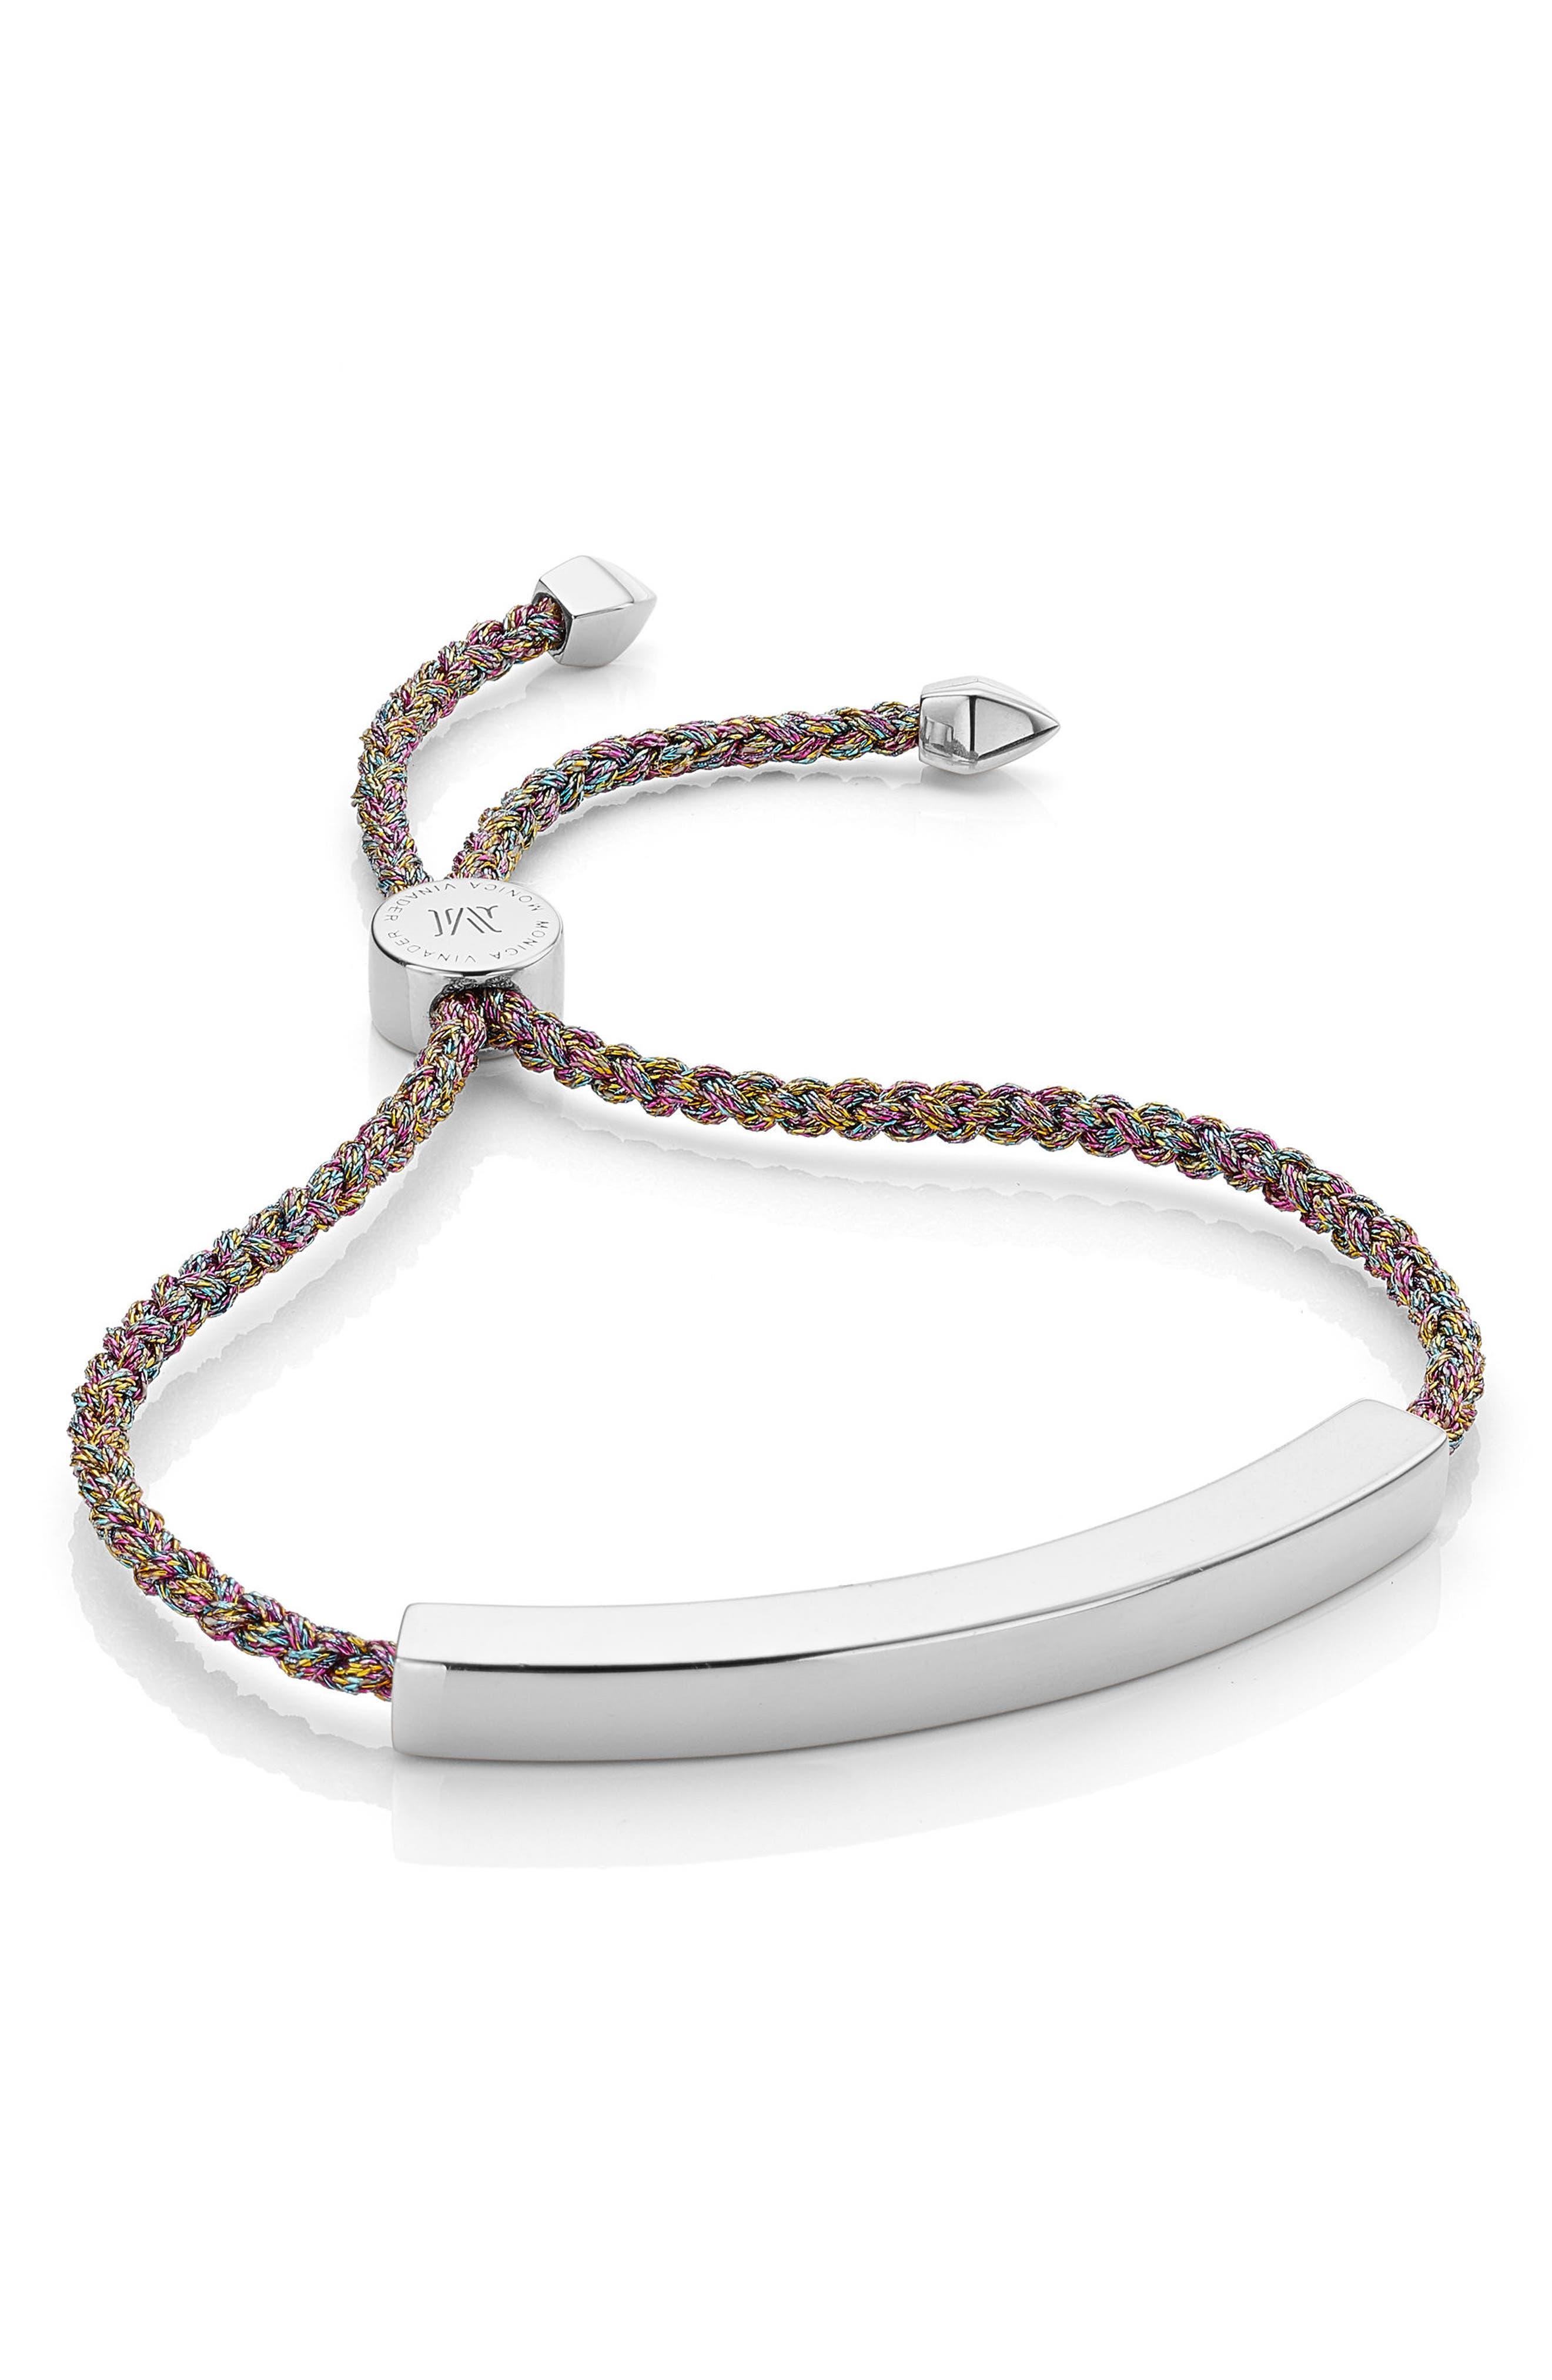 Engravable Large Linear Friendship Bracelet,                             Main thumbnail 1, color,                             RAINBOW METALLIC/ SILVER